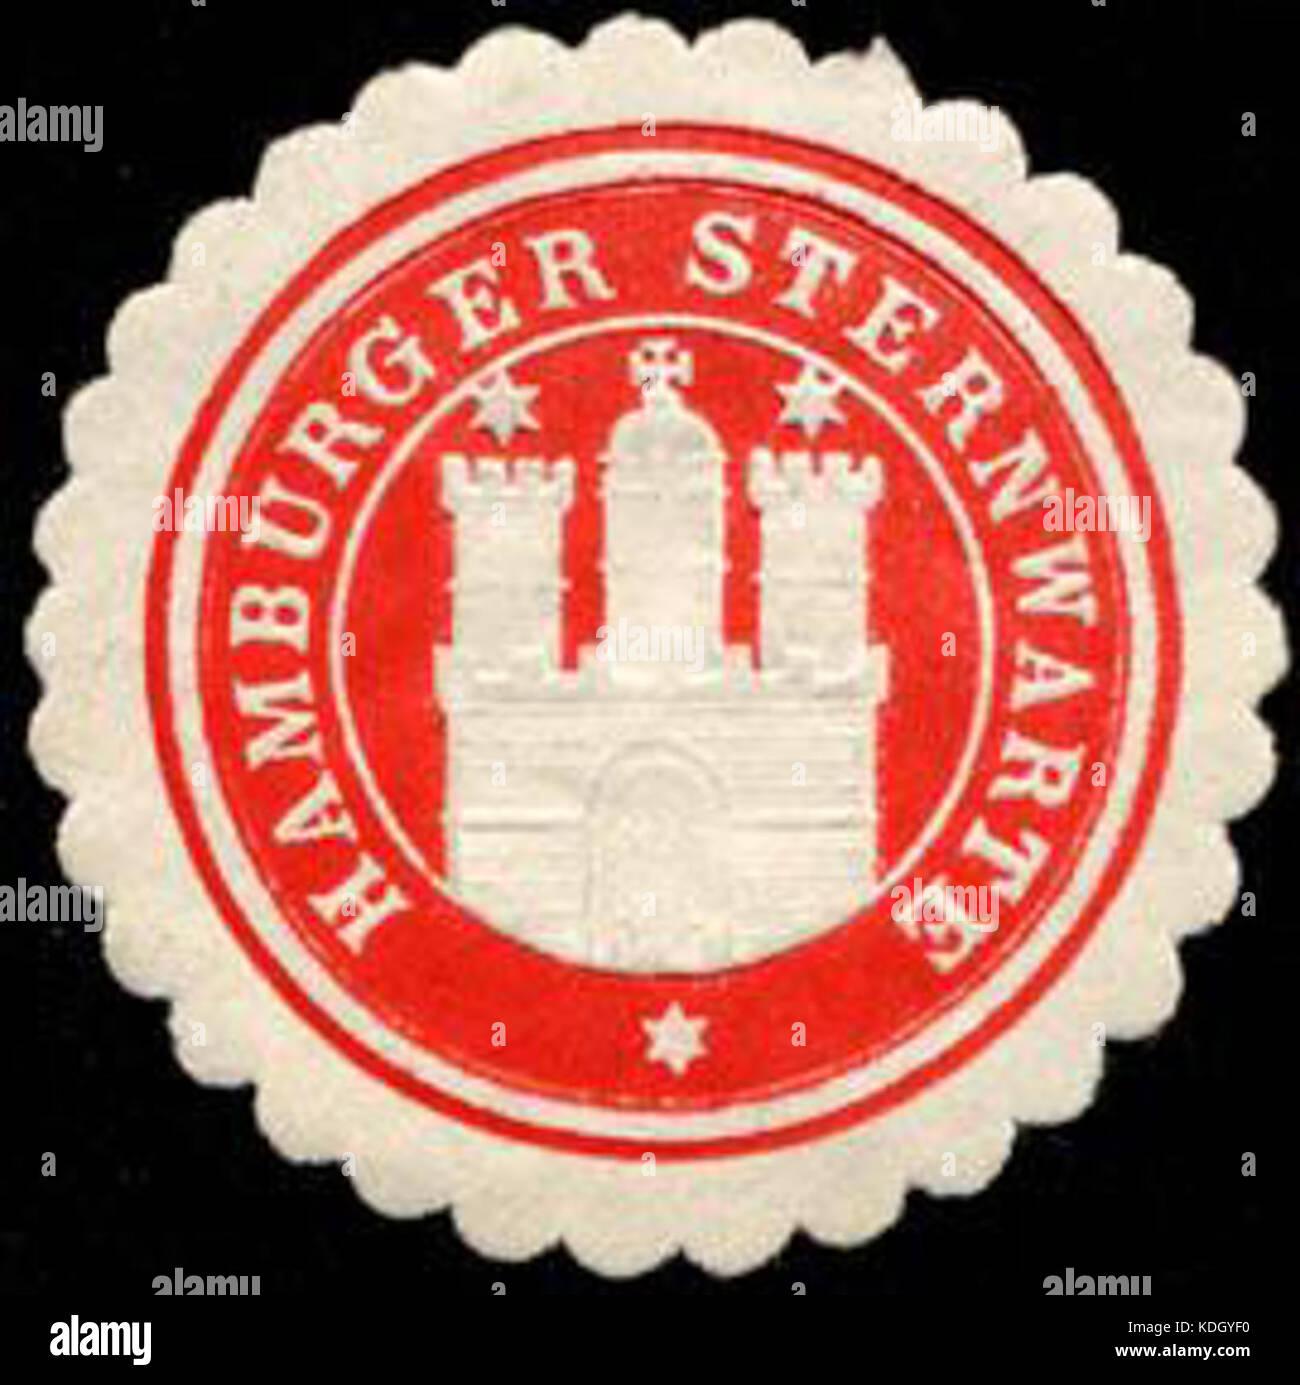 Siegelmarke Hamburger Sternwarte W0232590 Stock Photo